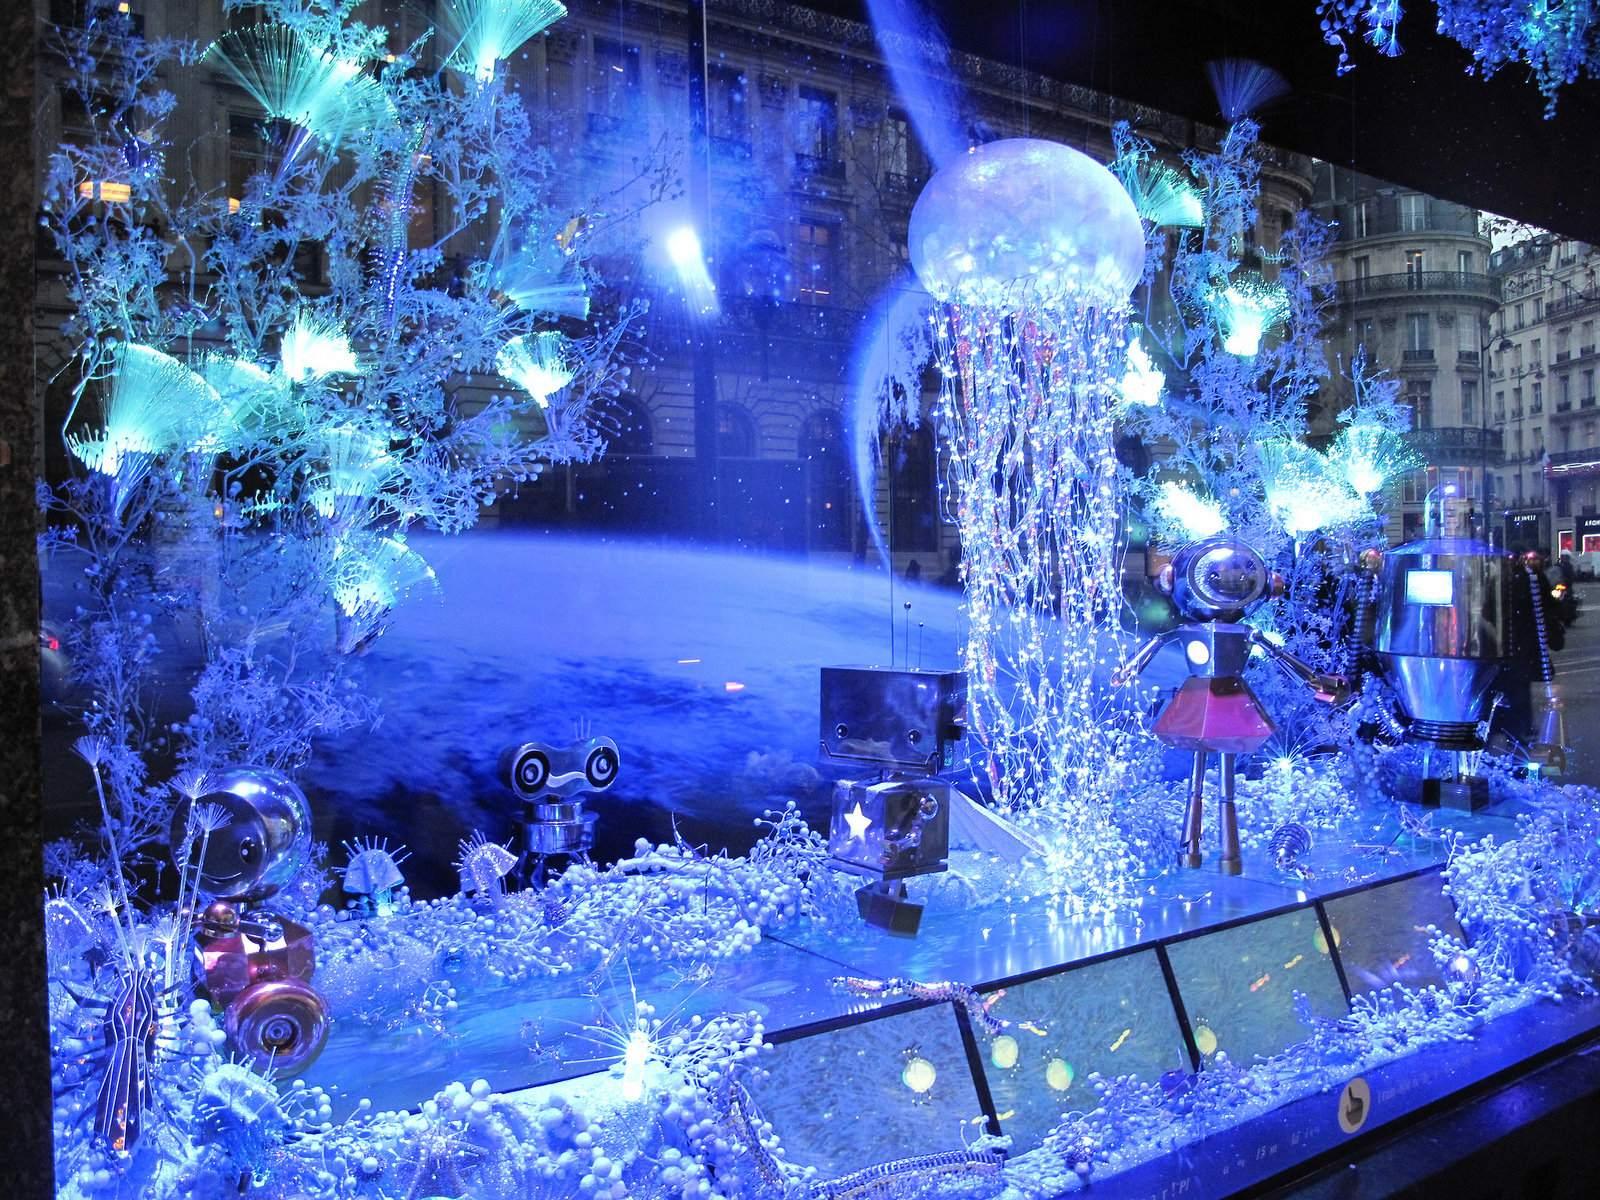 vitrines noel Christmas window displays in Paris